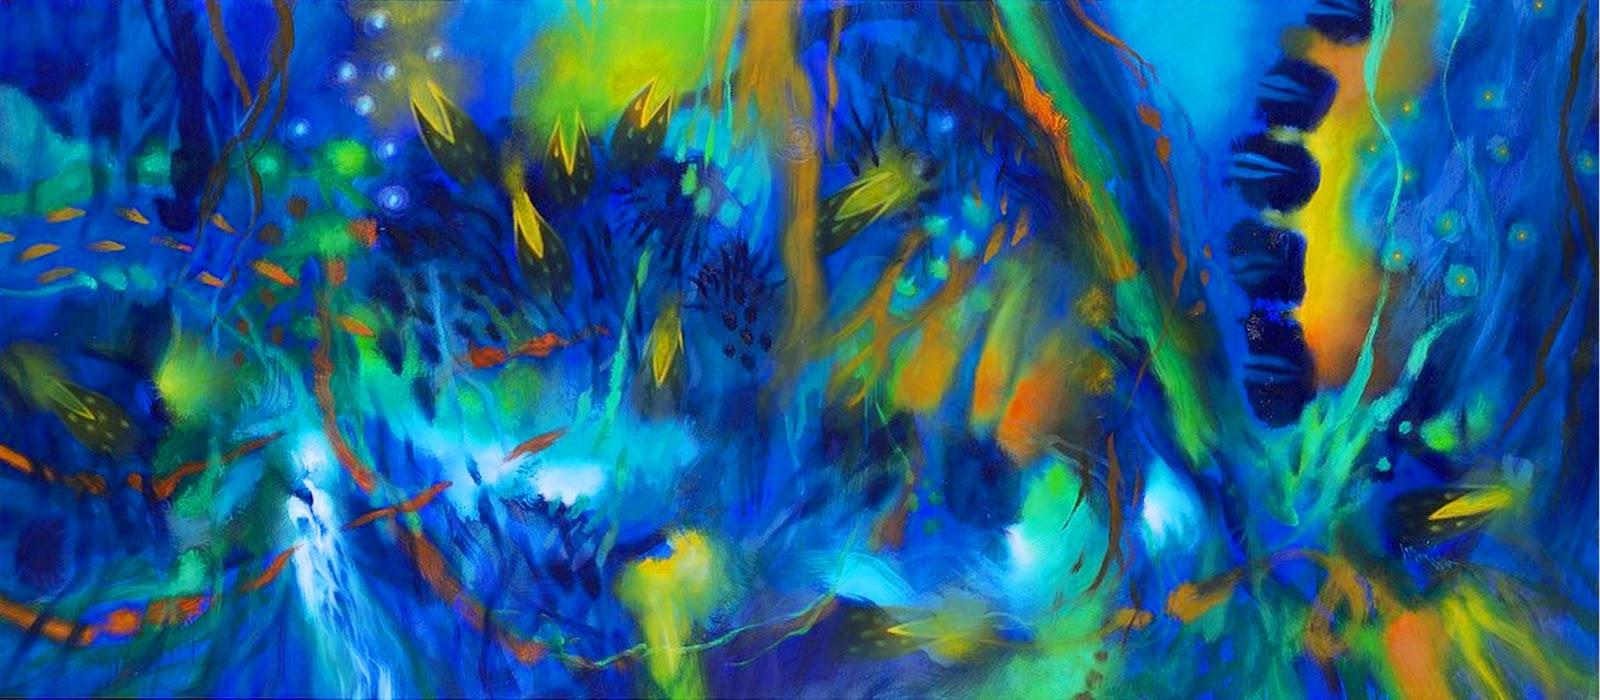 Cuadros pinturas oleos pintura al leo abstracto for Fotos de cuadros abstractos al oleo